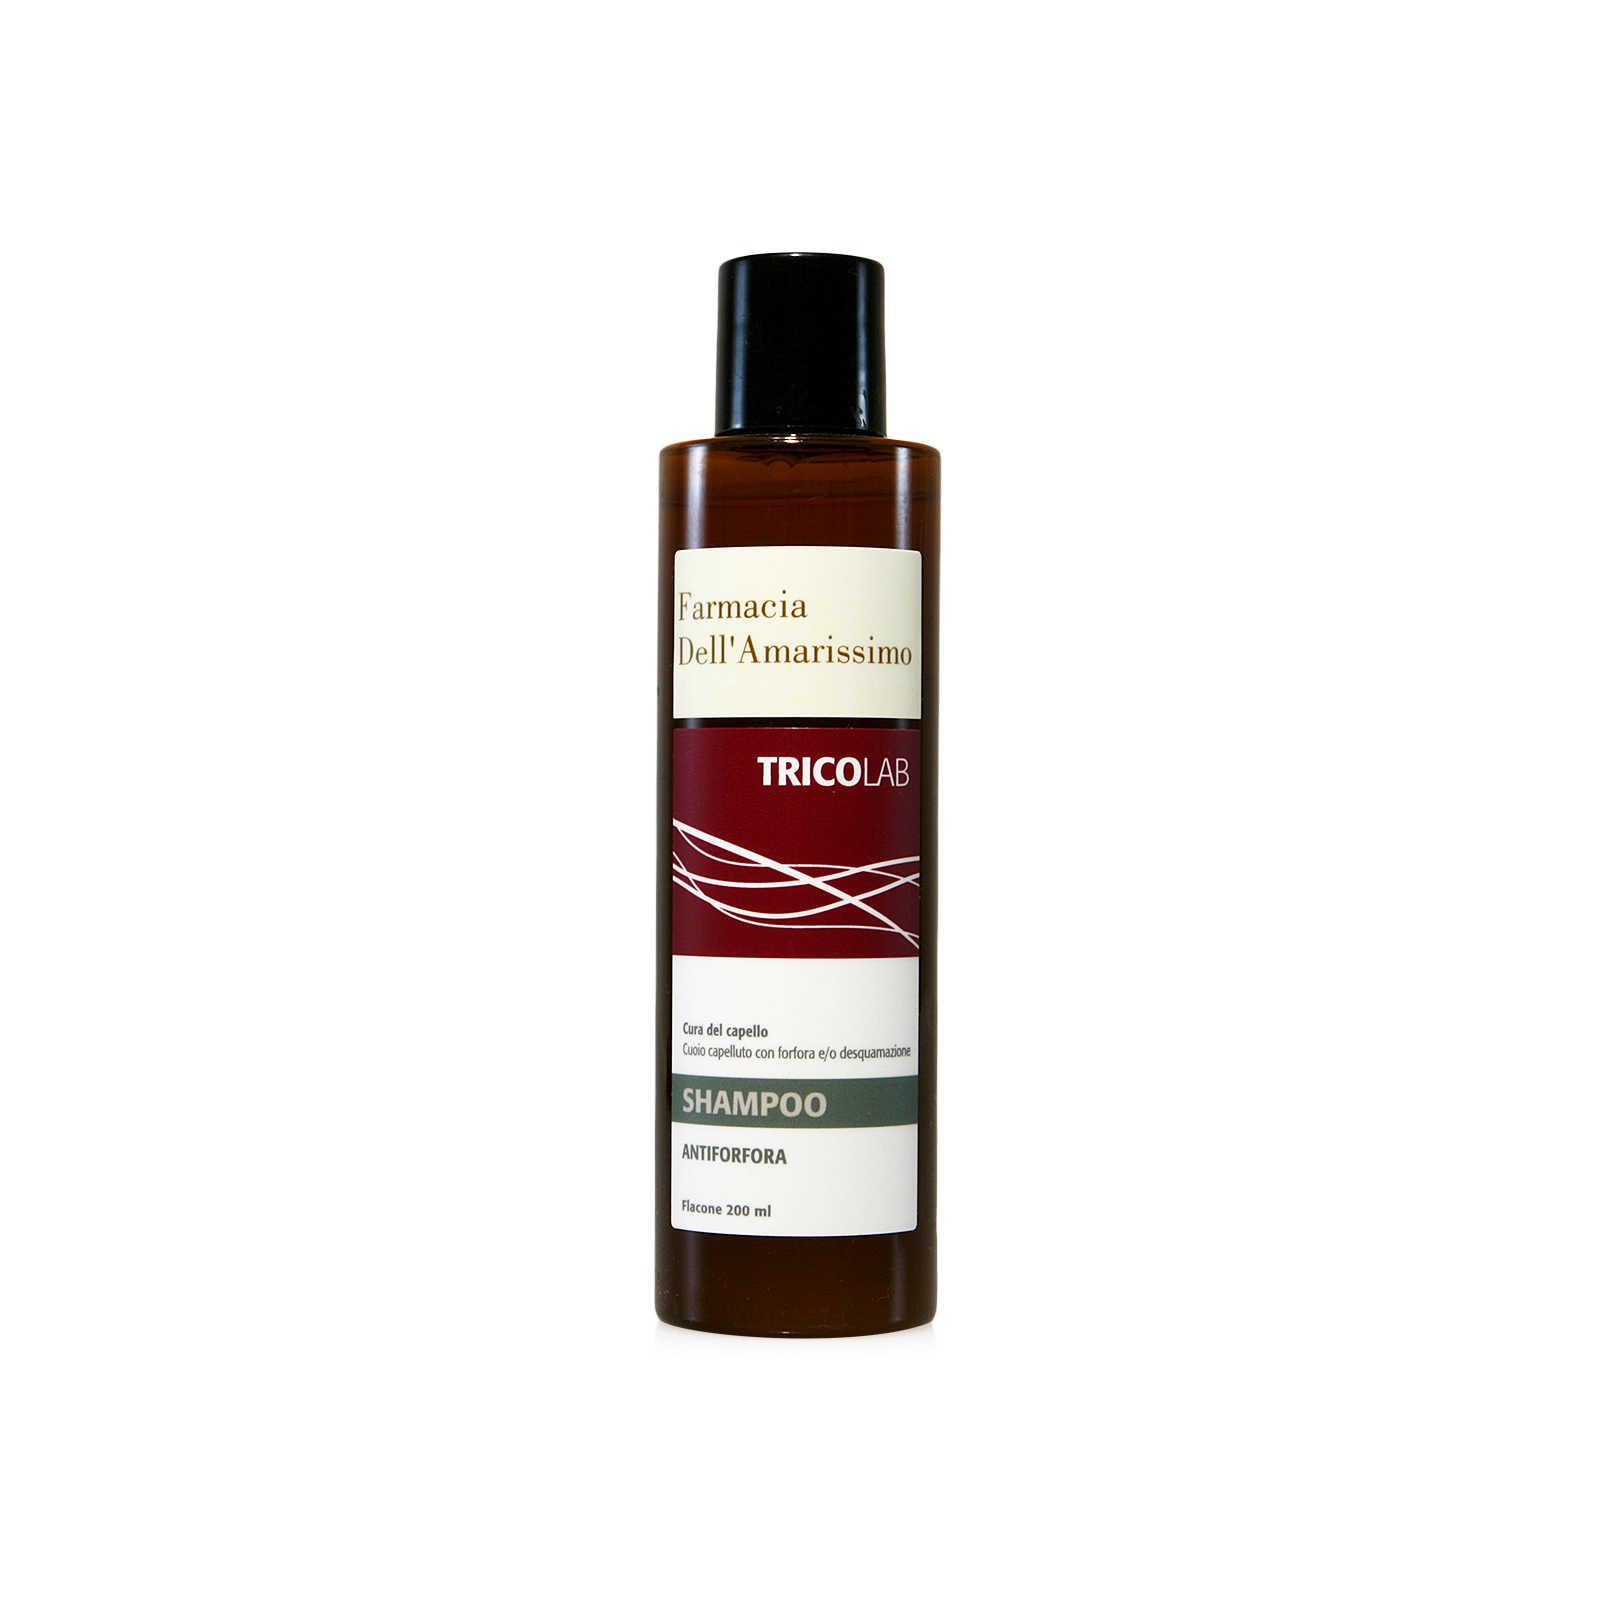 Farmacia Dell'amarissimo - Shampoo Extra Delicato - Tricolab